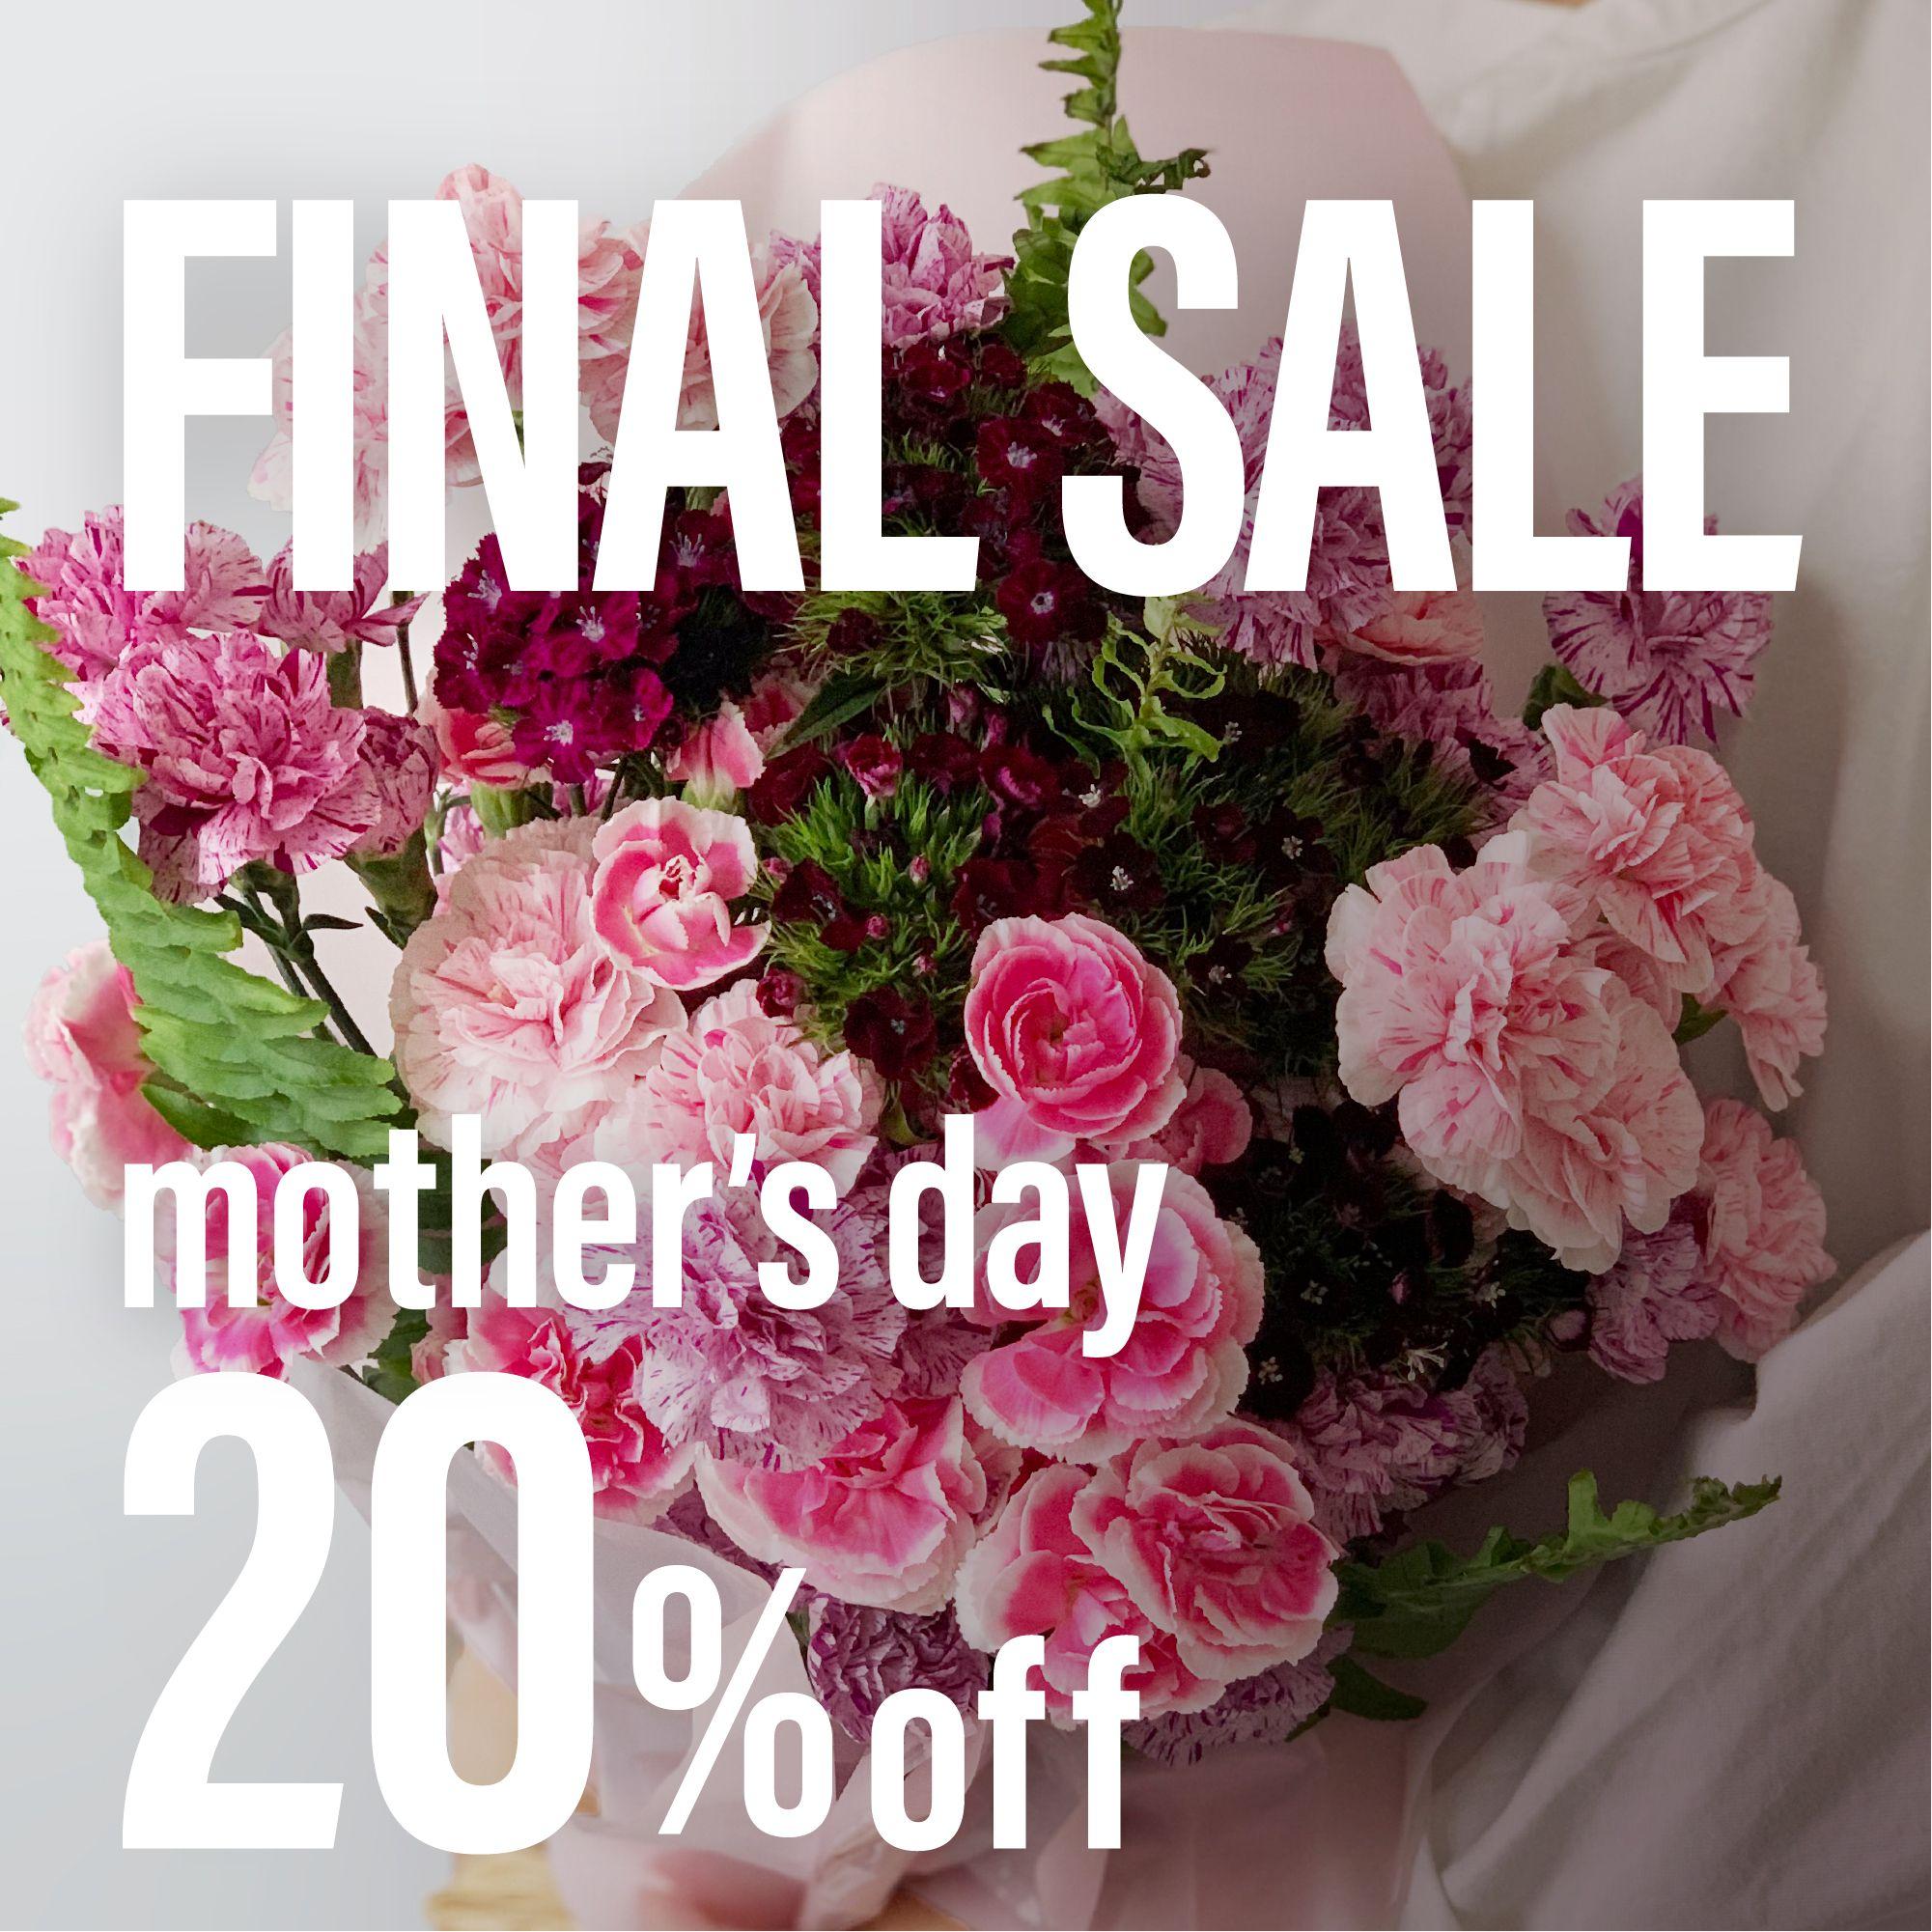 人気の赤・ピンクの花束を20%OFF!ファイナルセールは5月10日(月) 23:59まで